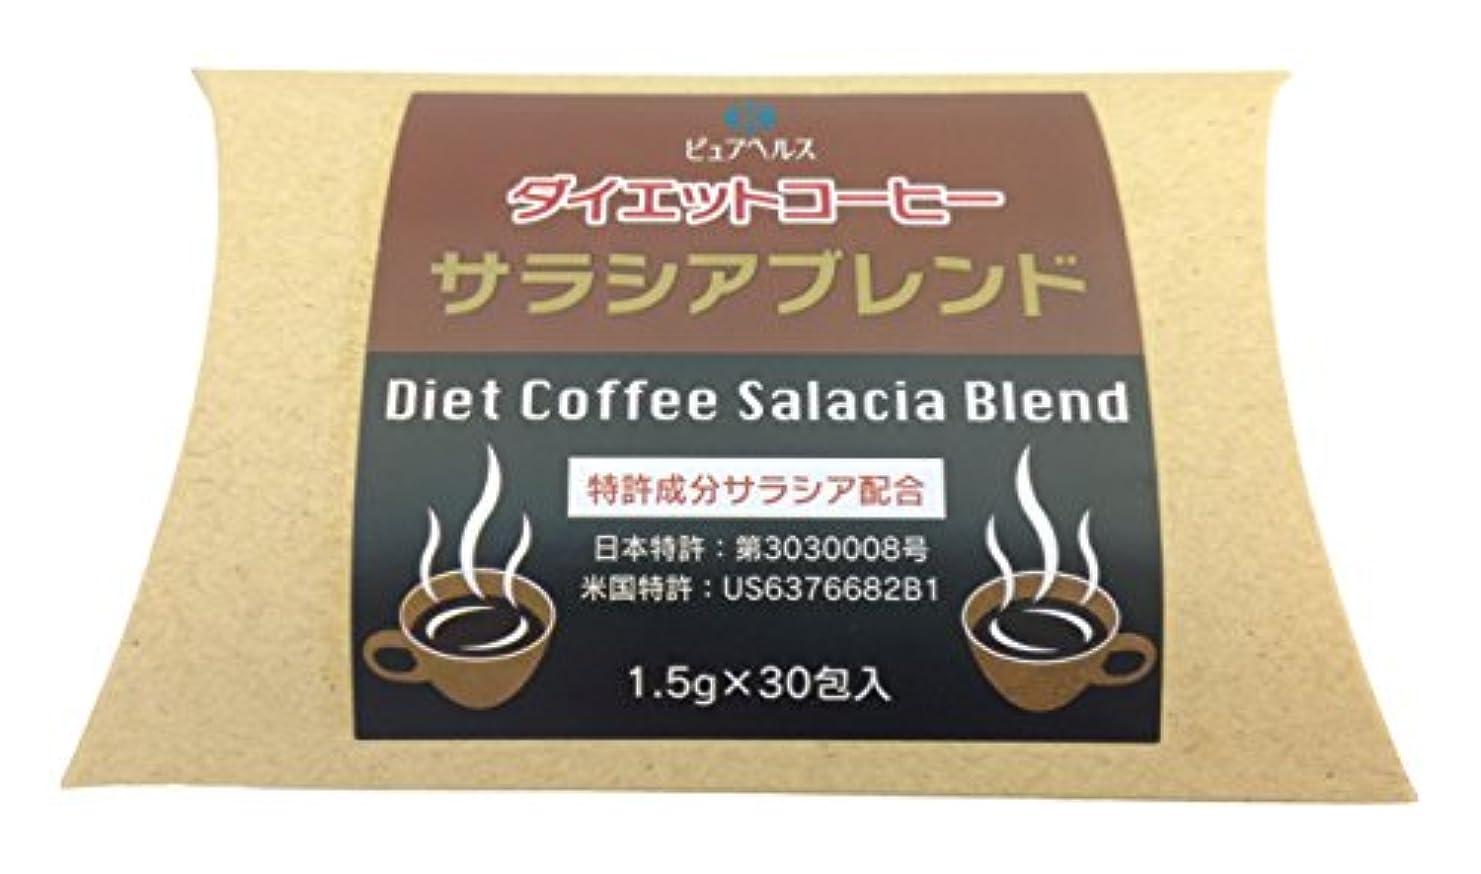 覚醒すき文句を言うダイエットコーヒー「サラシアブレンド」 30包